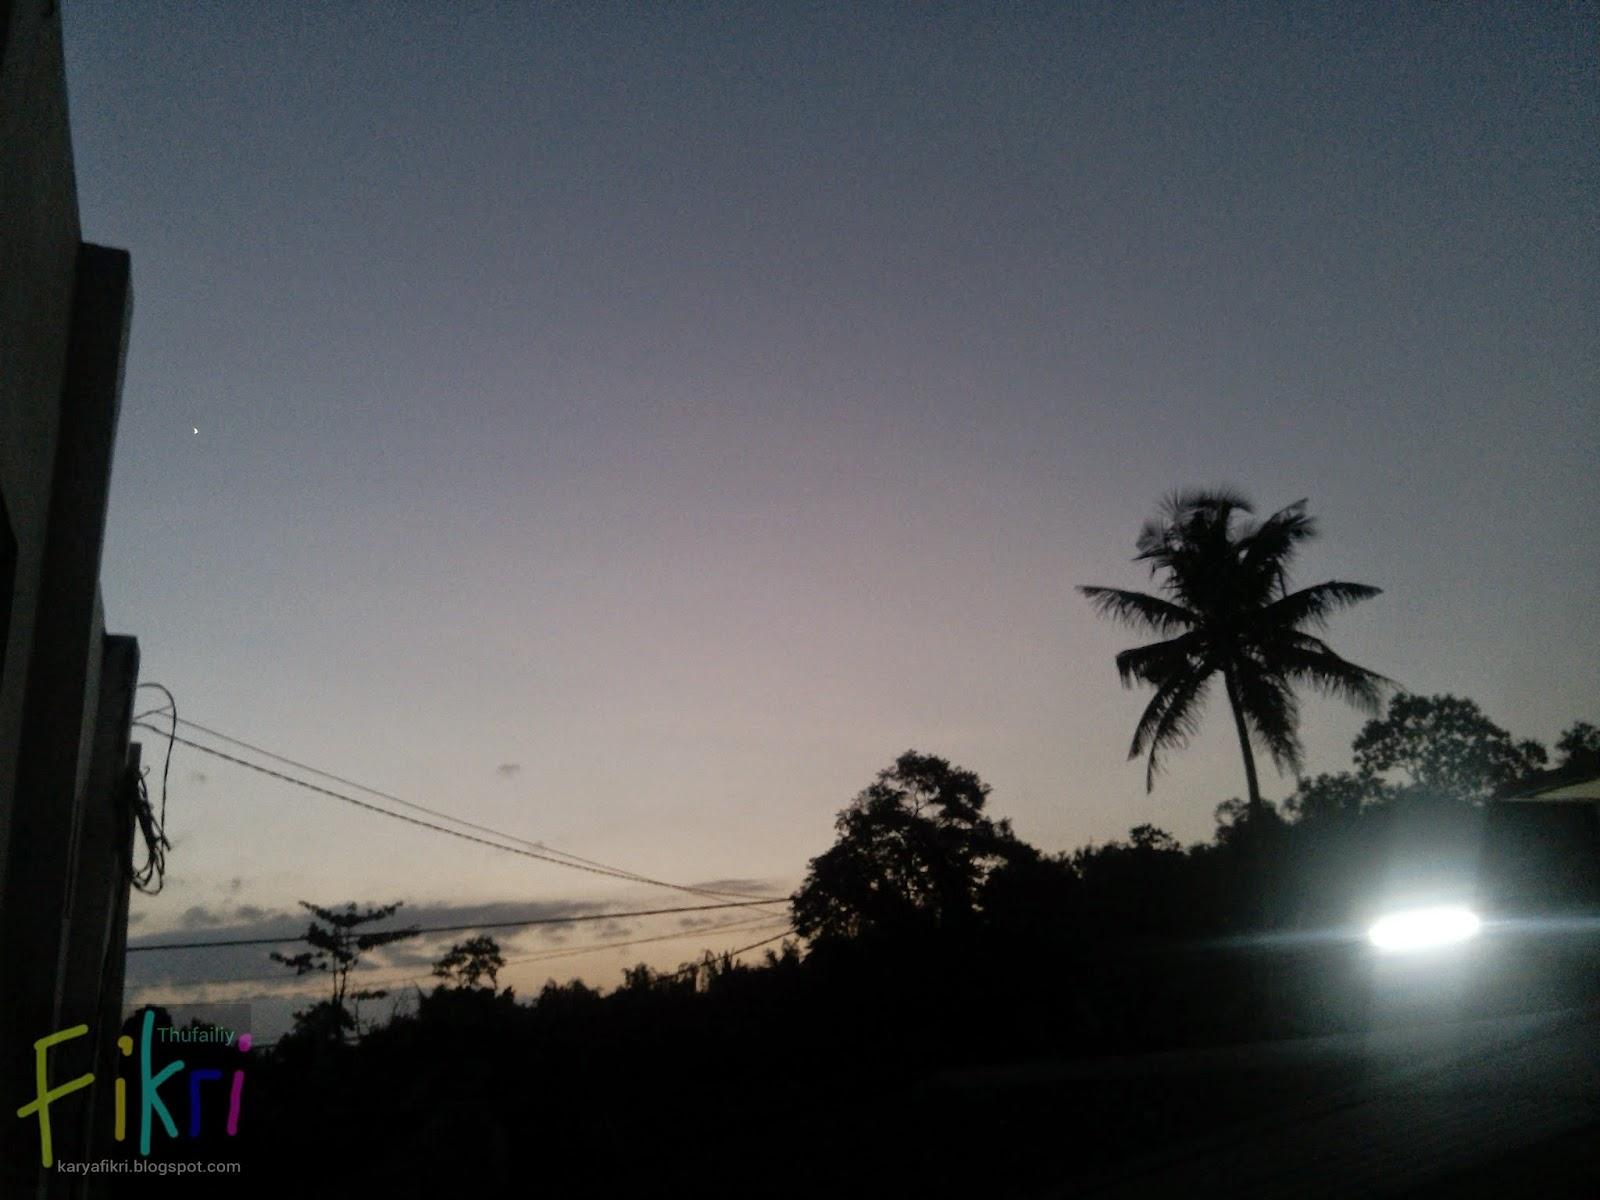 IMG_20130802_175709 Review hasil jepretan Huawei Ascend G600 (foto langit saat matahari terbenam) - oleh karyafikri.blogspot.com - flash